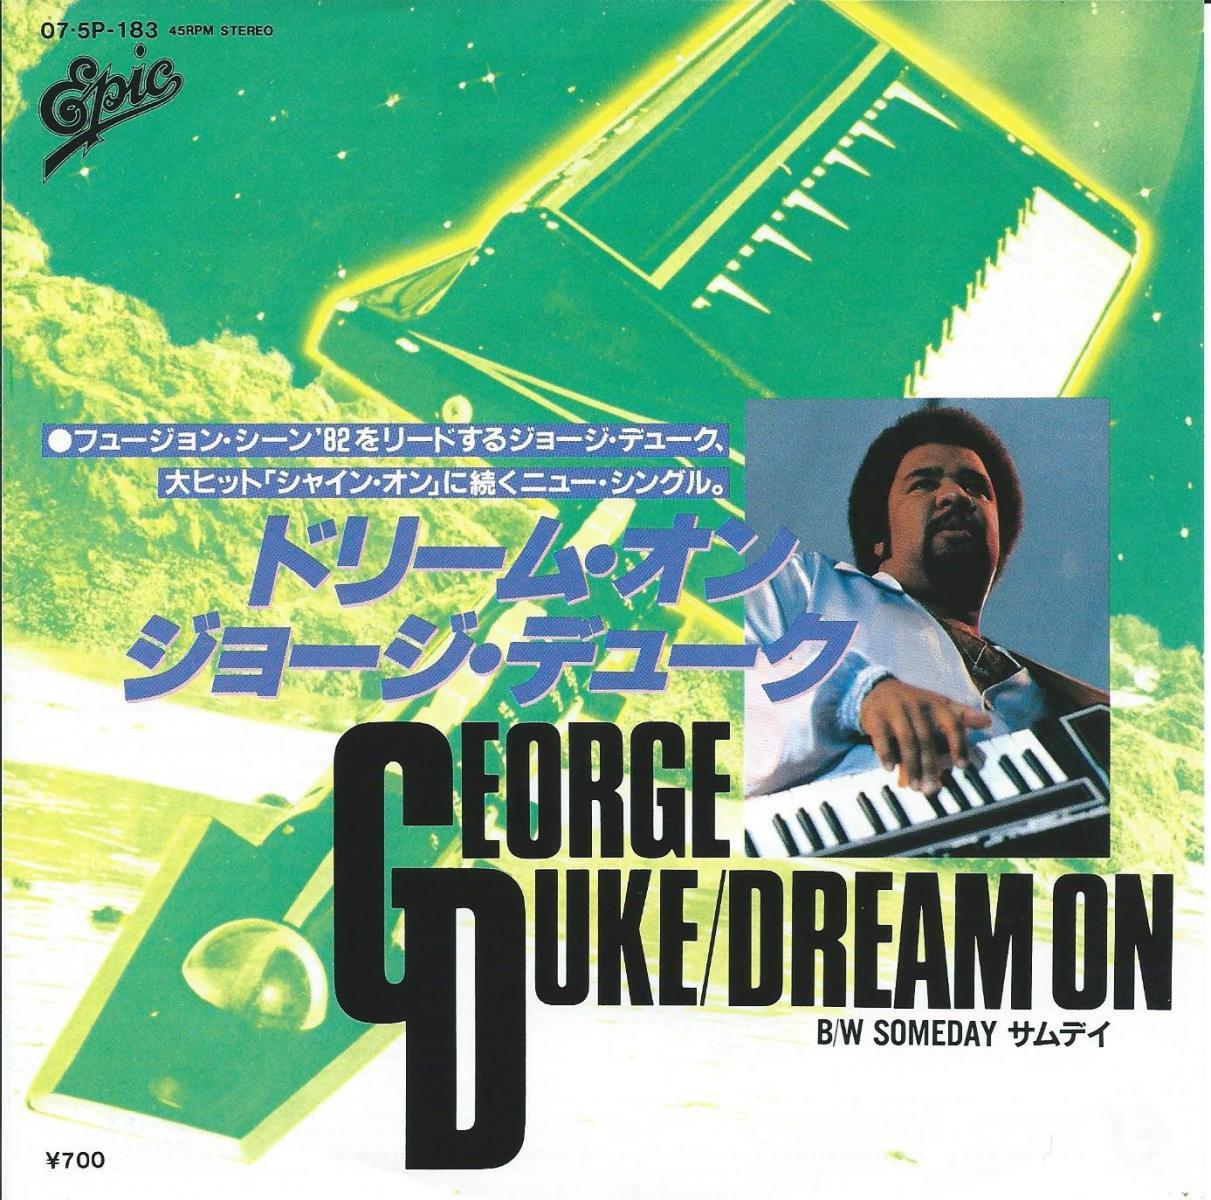 ジョージ・デューク GEORGE DUKE / ドリーム・オン DREAM ON / サムデイ SOMEDAY (7